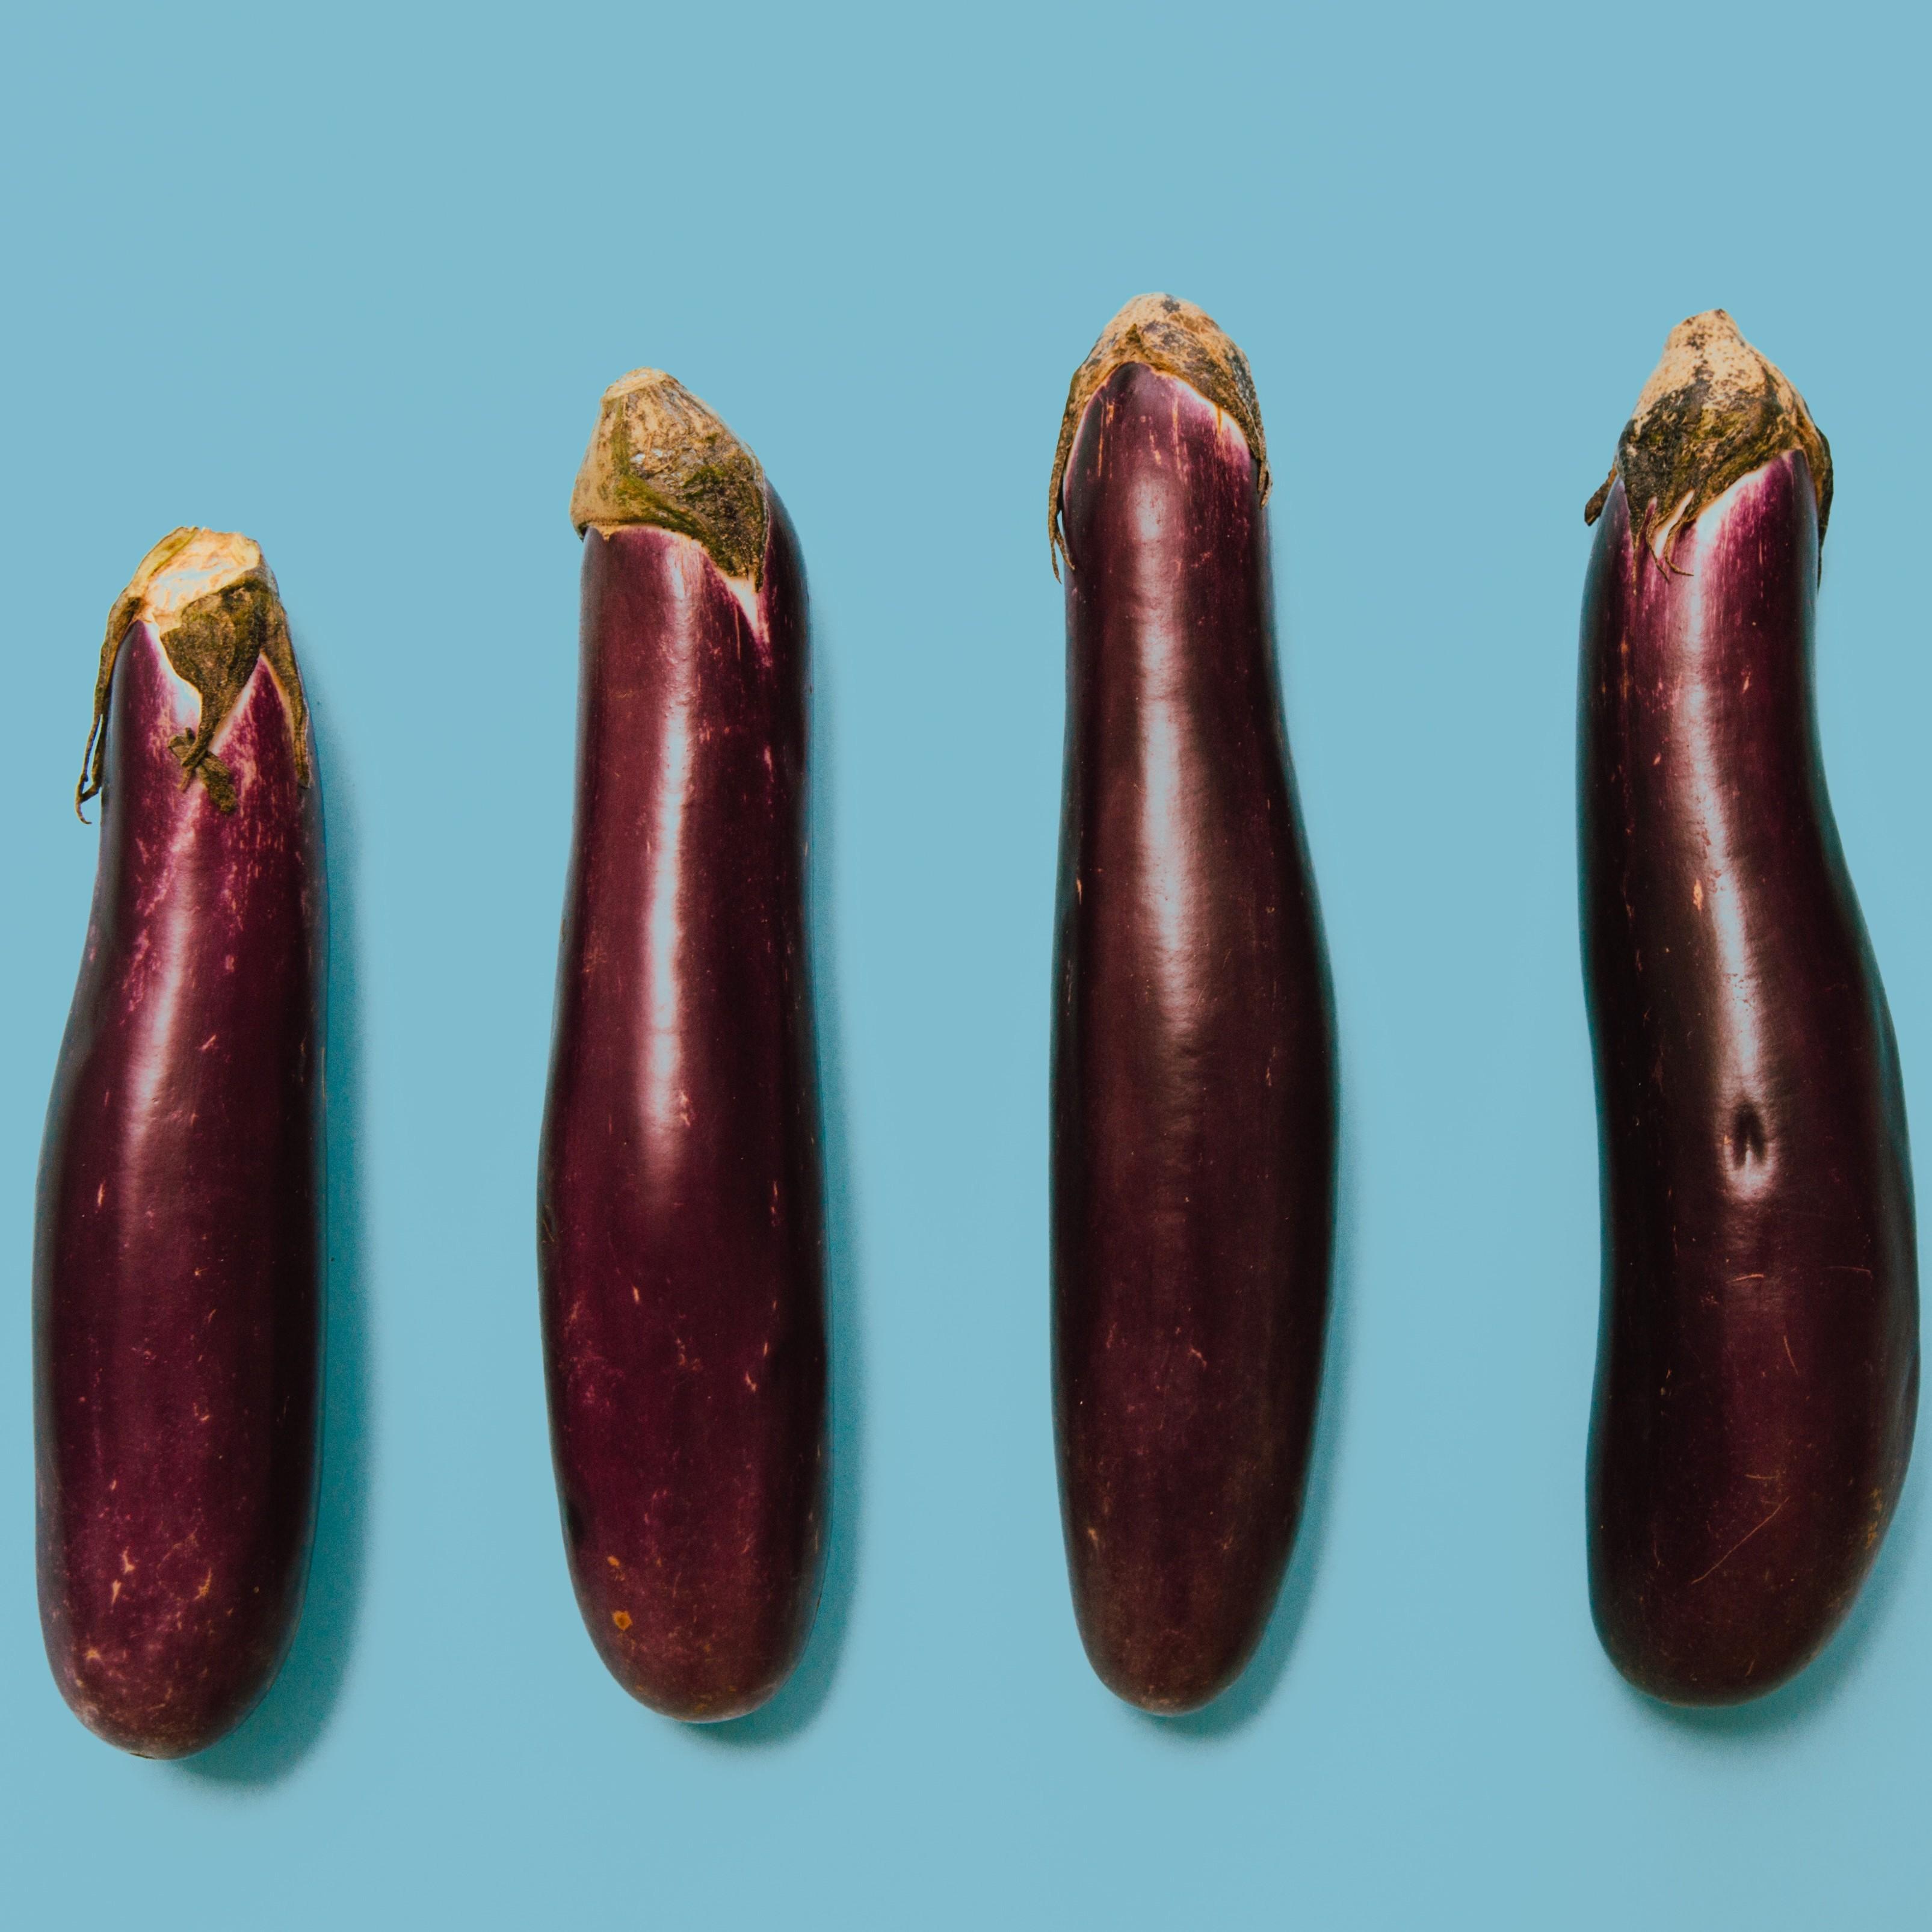 Despre erectie si ejaculare – cum putem sa avem erectie mai lunga cu inele pentru penis?